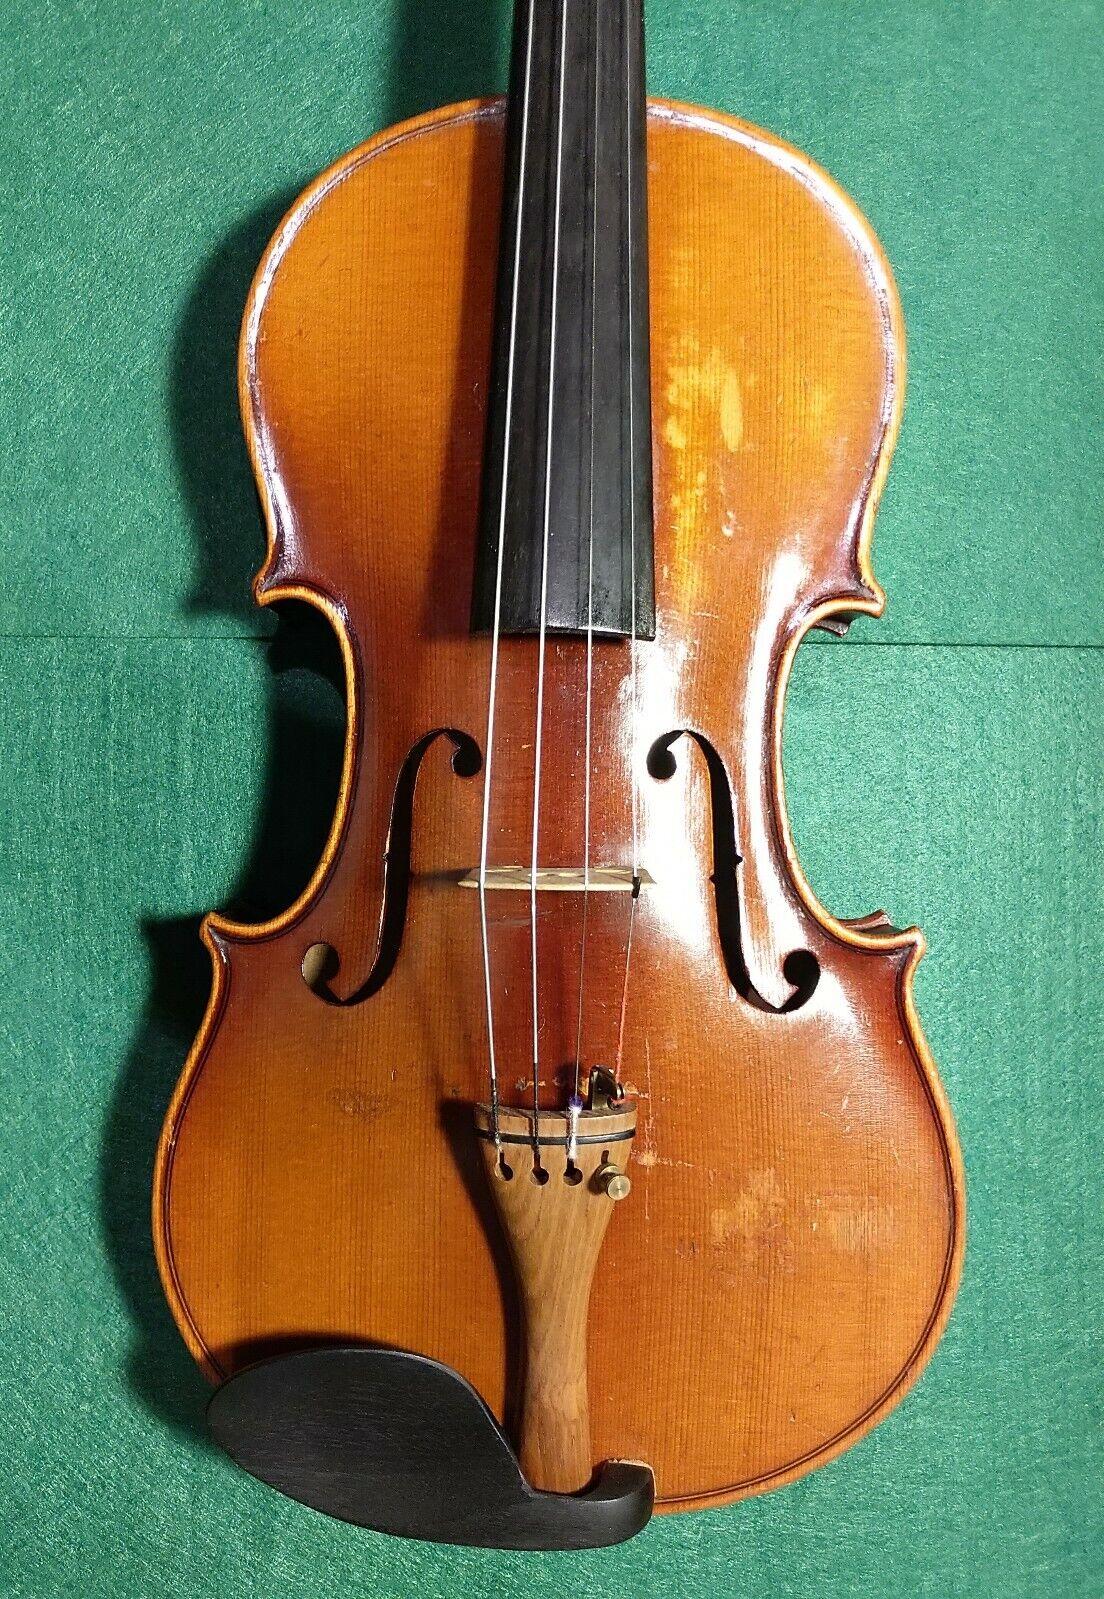 Schöne Alte Böhmische Geige Josef Lidl, v Brne Zelny trh.